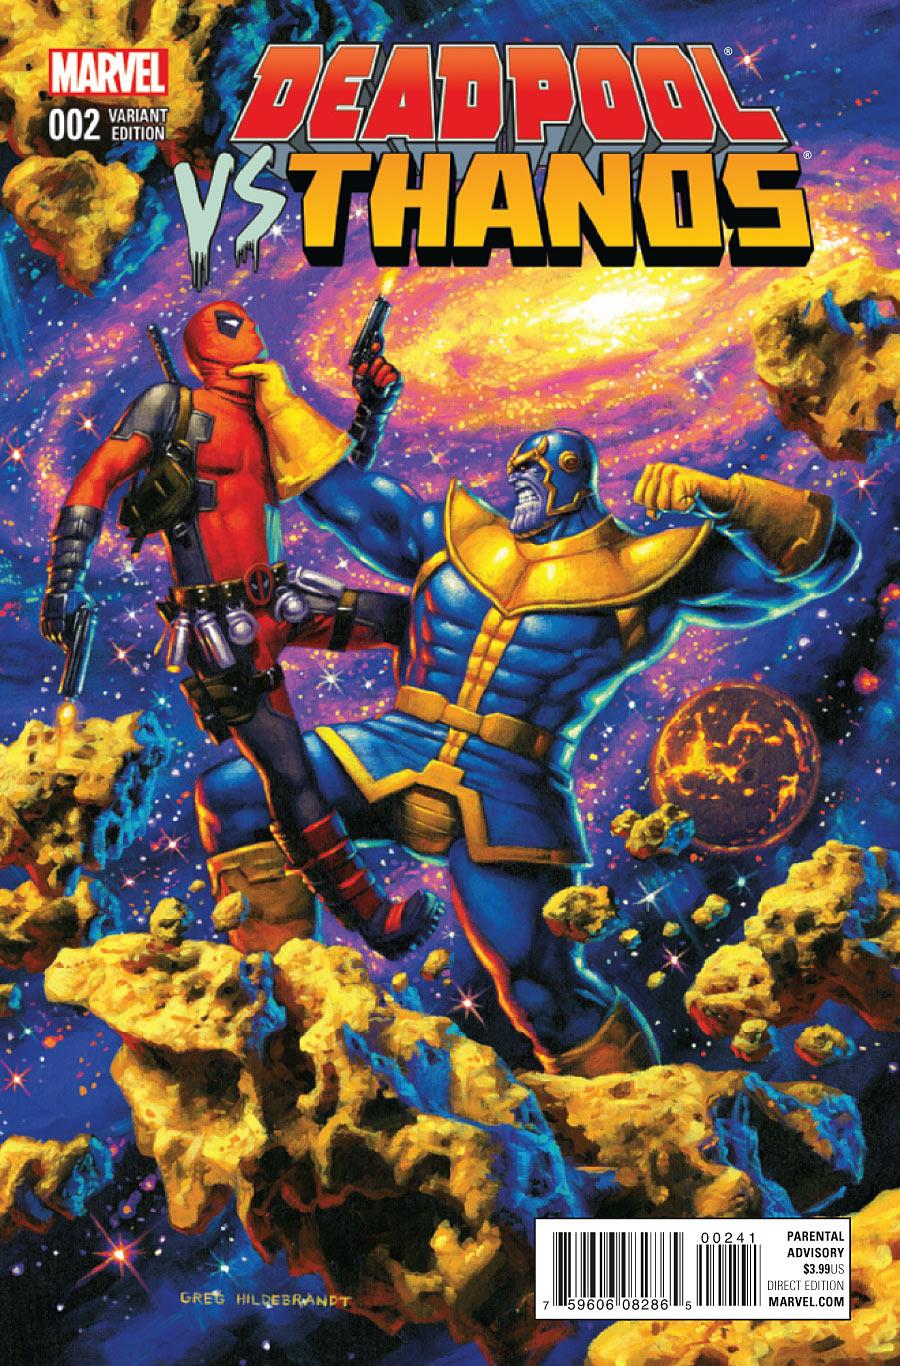 Deadpool Vs. Thanos (2015) #2, cover by Greg Hildebrandt.